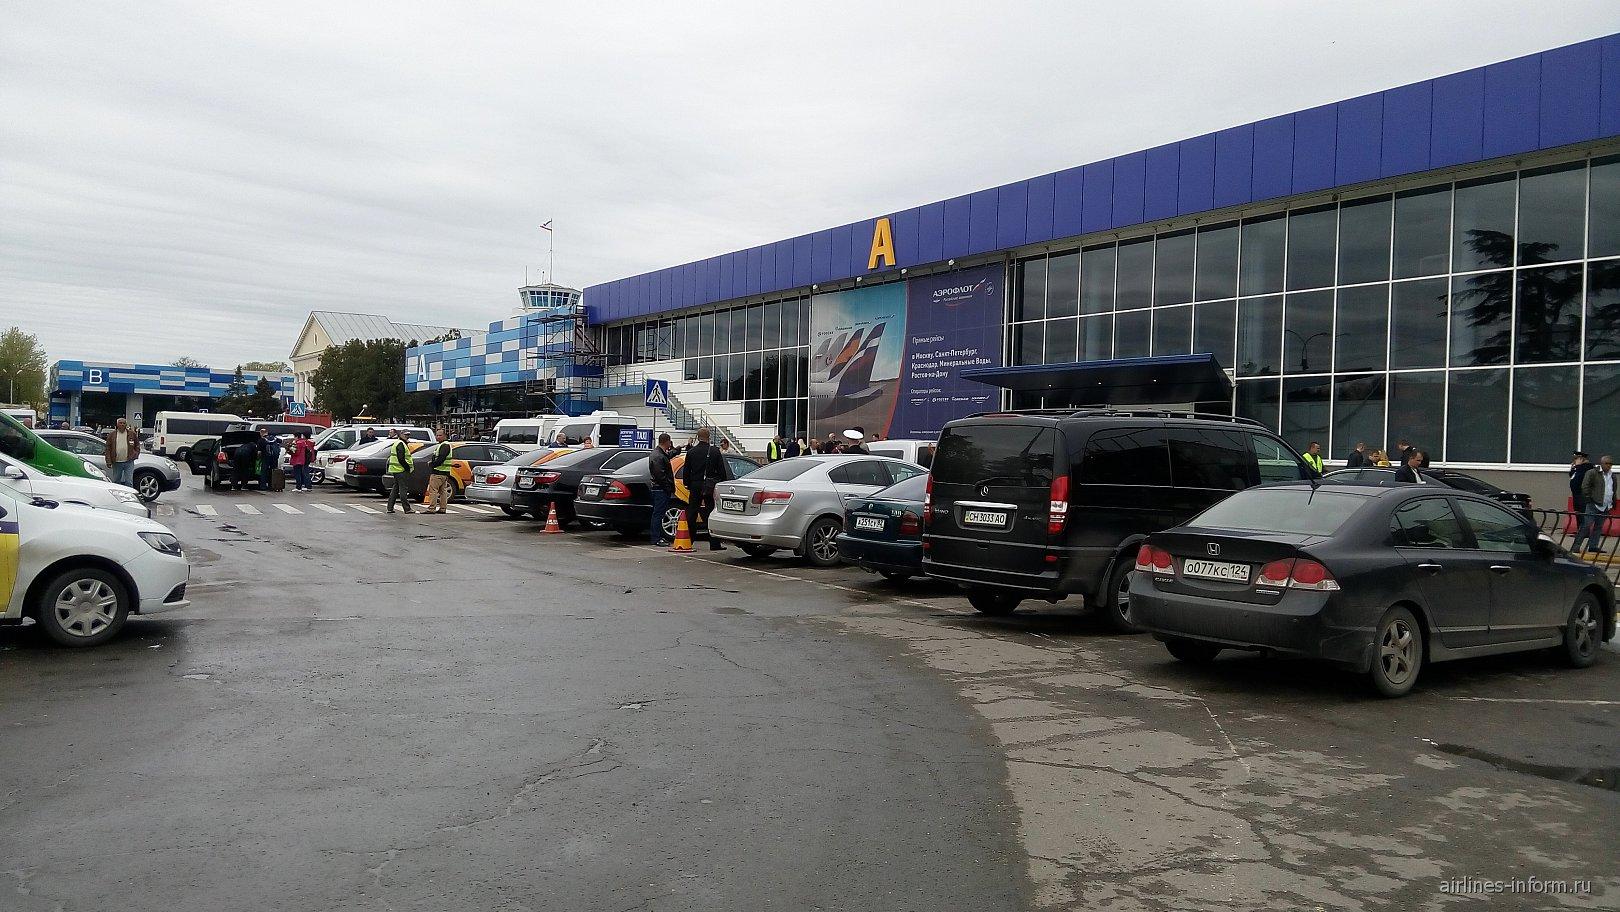 Пассажирские терминалы аэропорта Симферополь